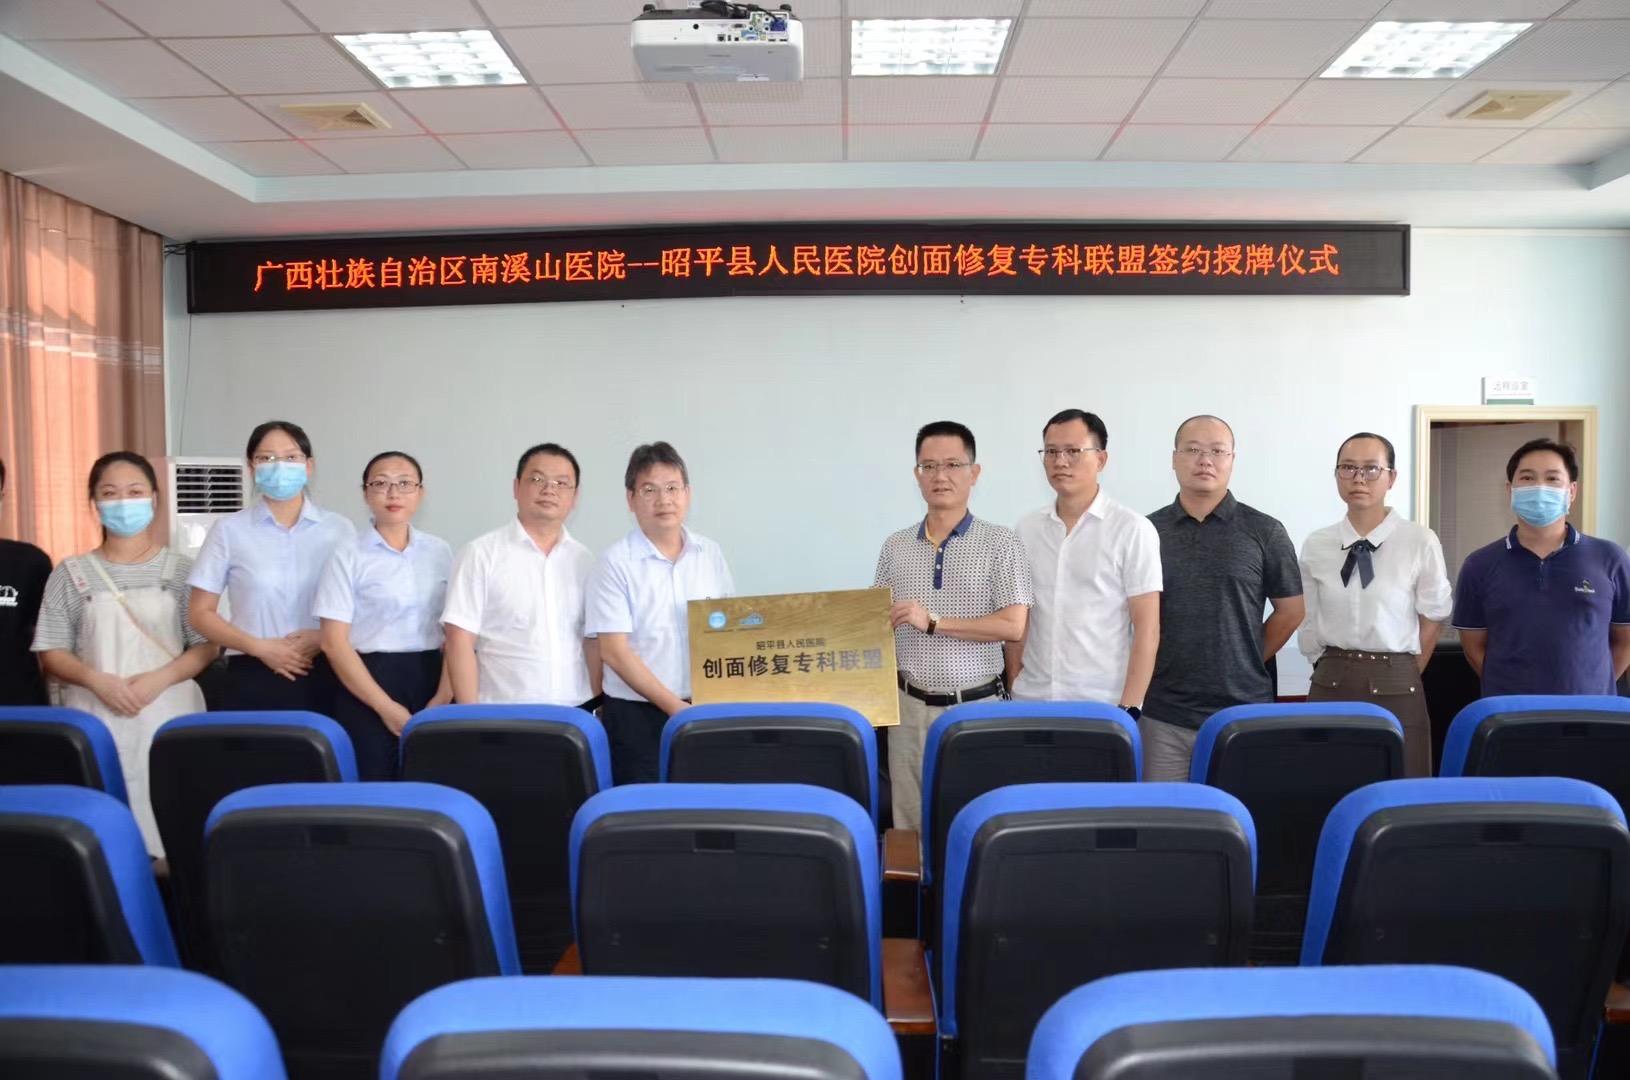 广西壮族自治区南溪山医院组建创面修复专科联盟,同质化服务基层民众